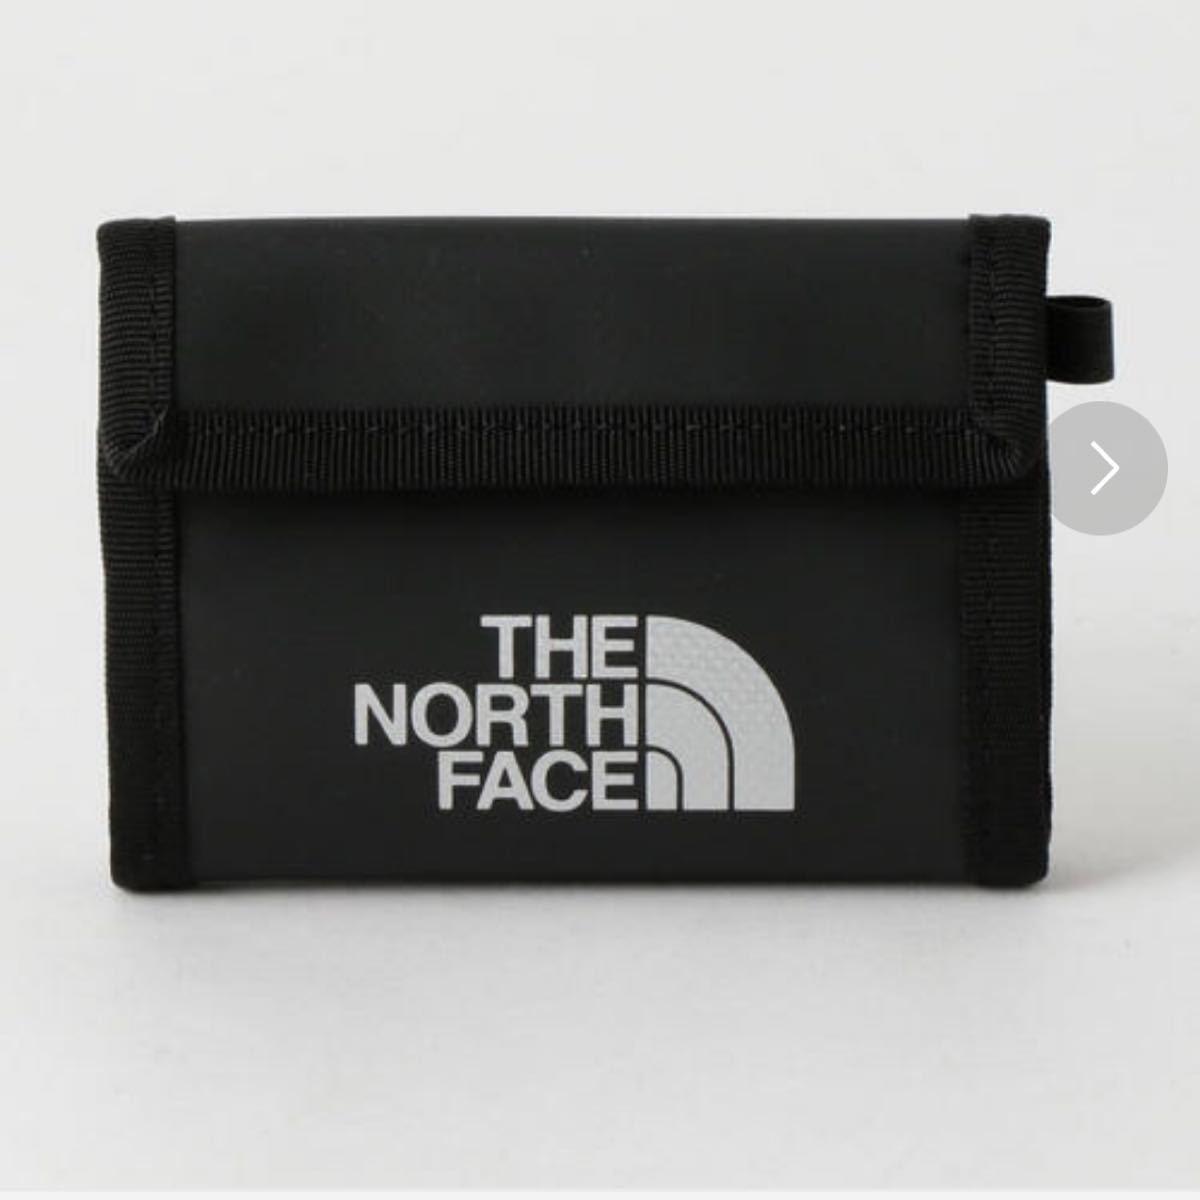 THE NORTH FACE コインケース WALLET mini カードケース 小銭入れ 小銭入 ザノースフェイス ウォレット